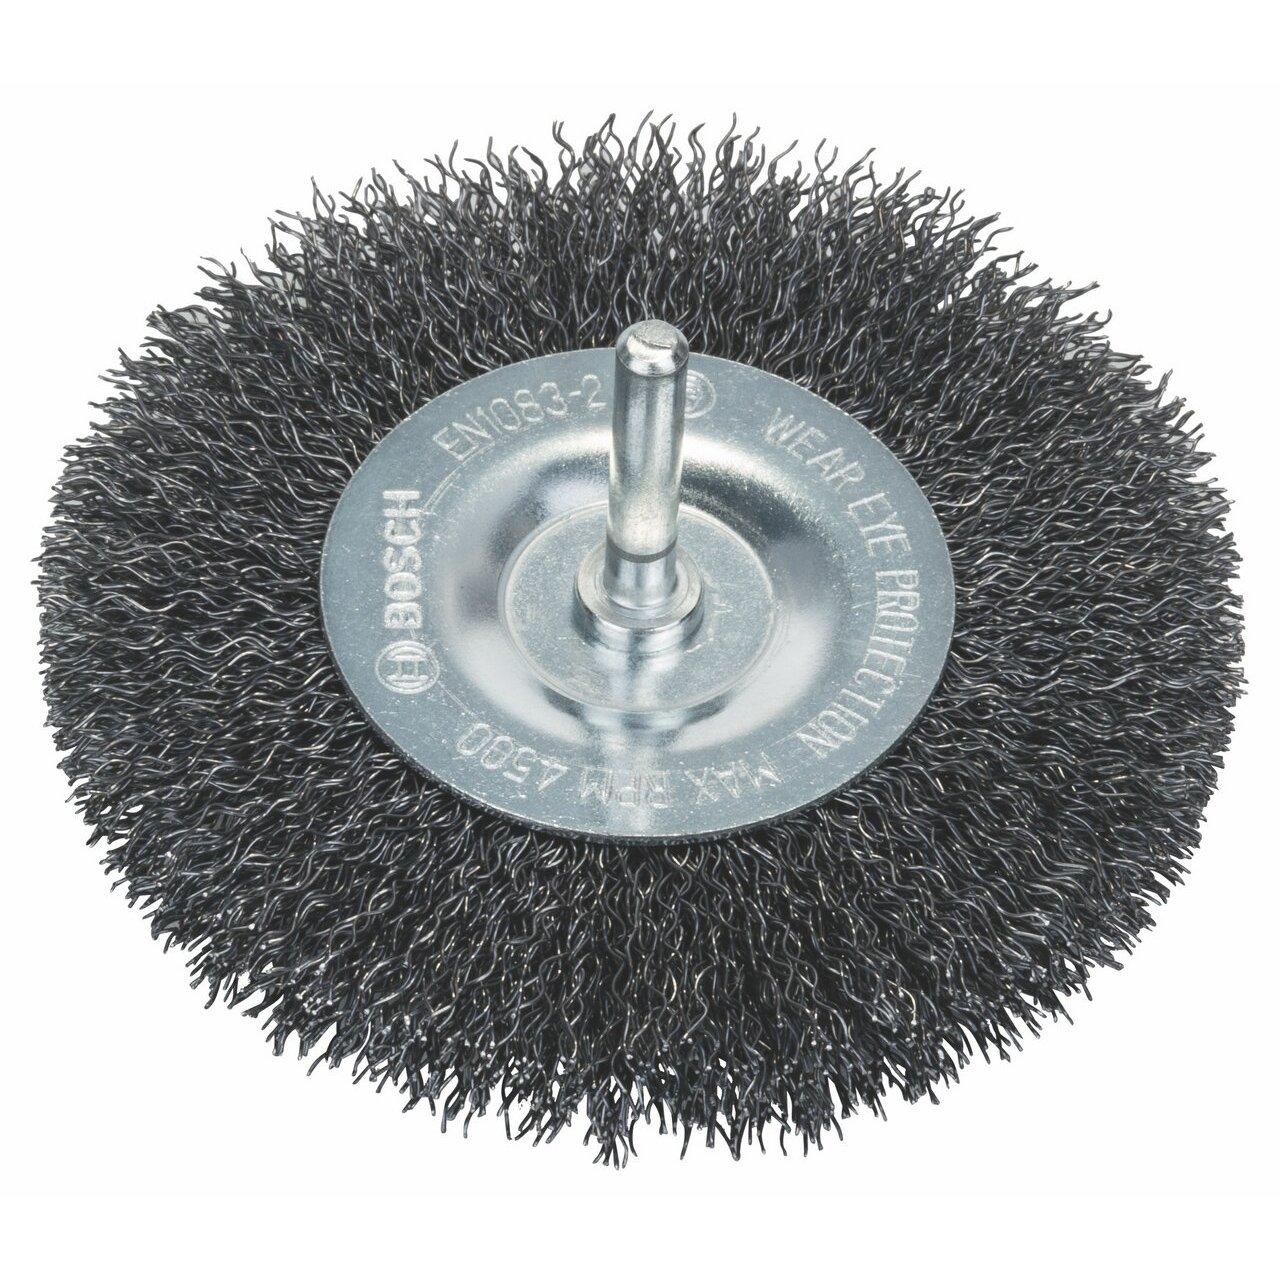 Bosch 1609200273 6mm Shank Wheel 100mm, Crimped Wire, 0.3mm Steel, Silver, 0.3 mm